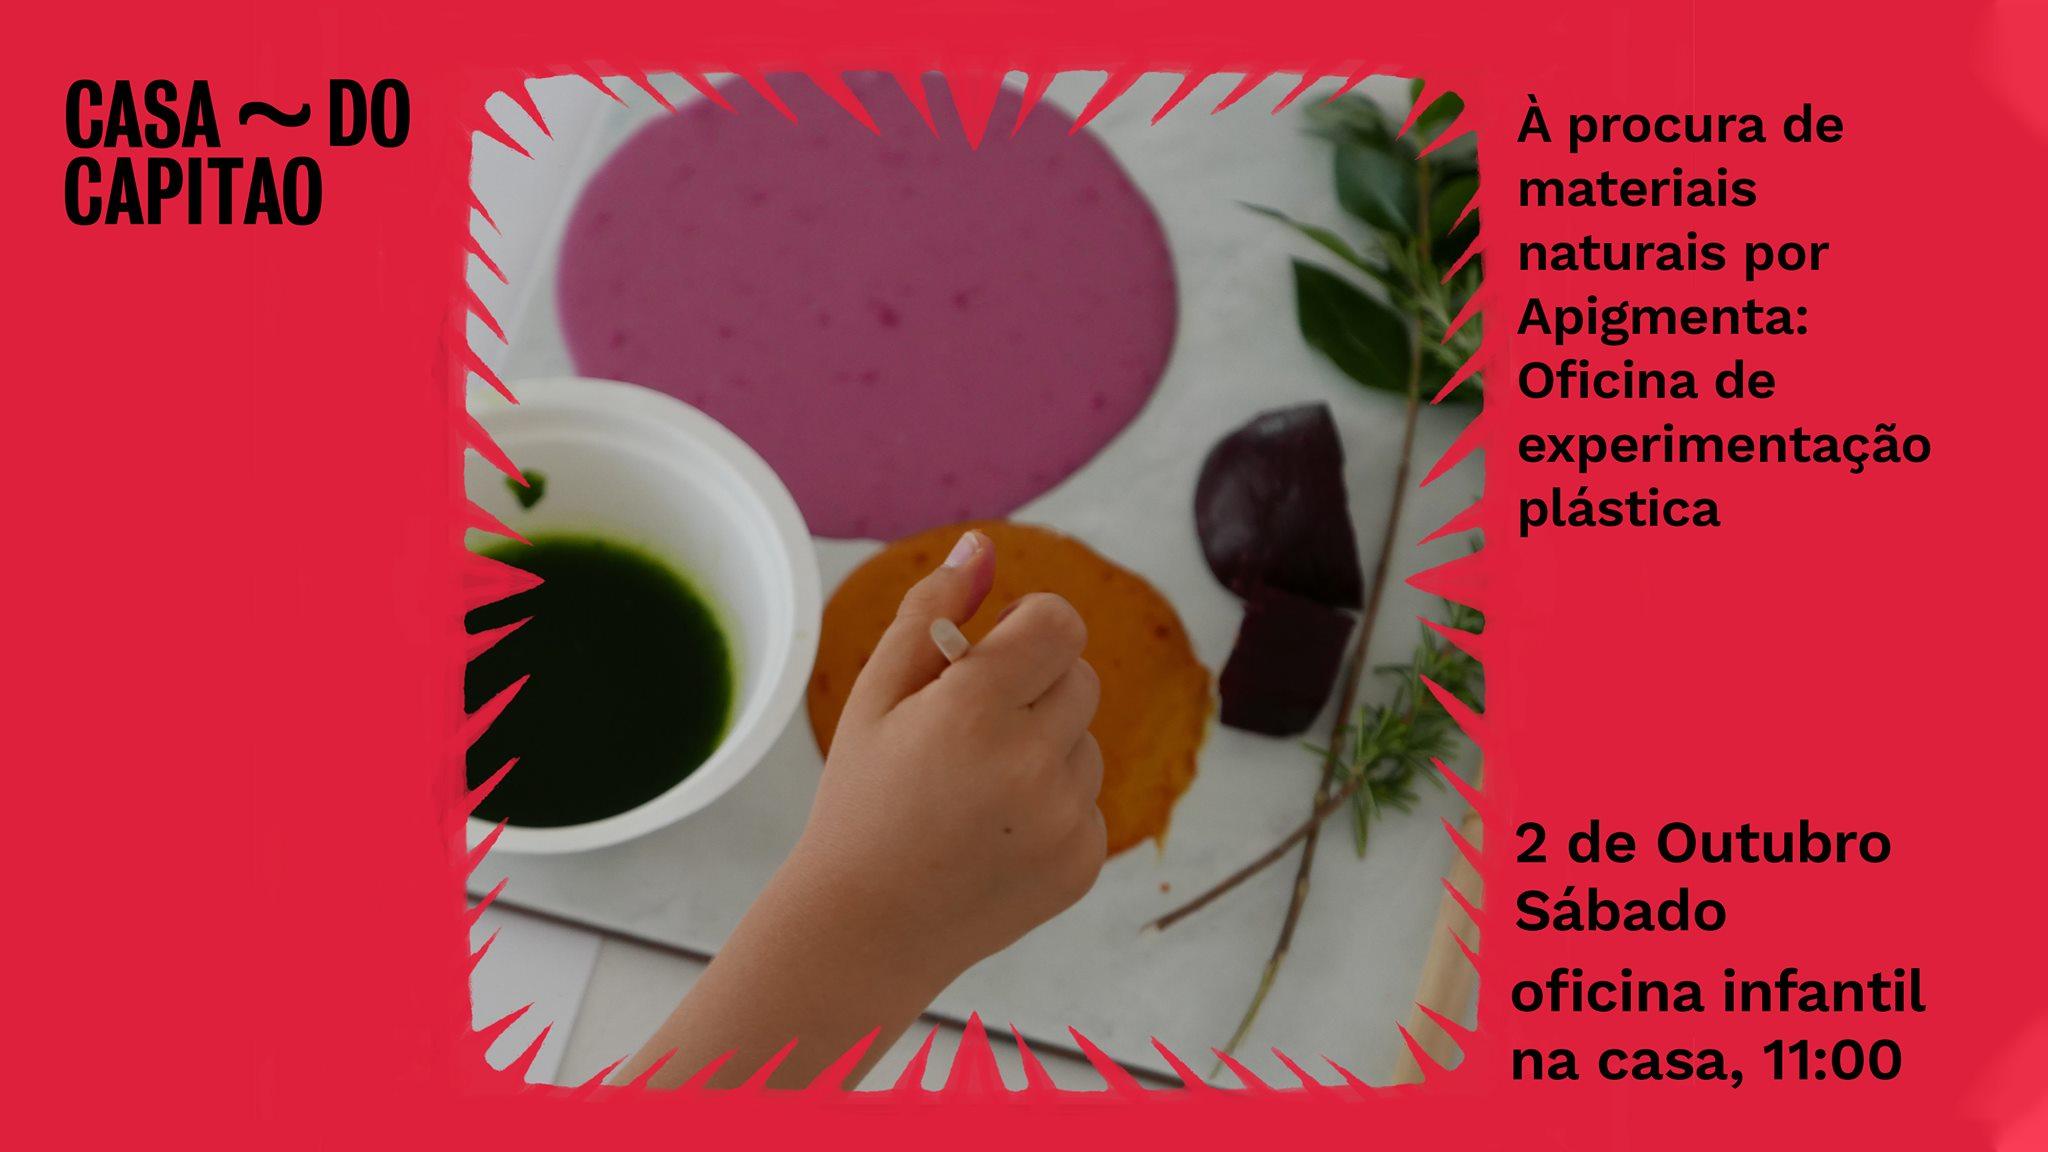 À procura de materiais naturais por Apigmenta: Oficina de experimentação plástica • oficina infantil